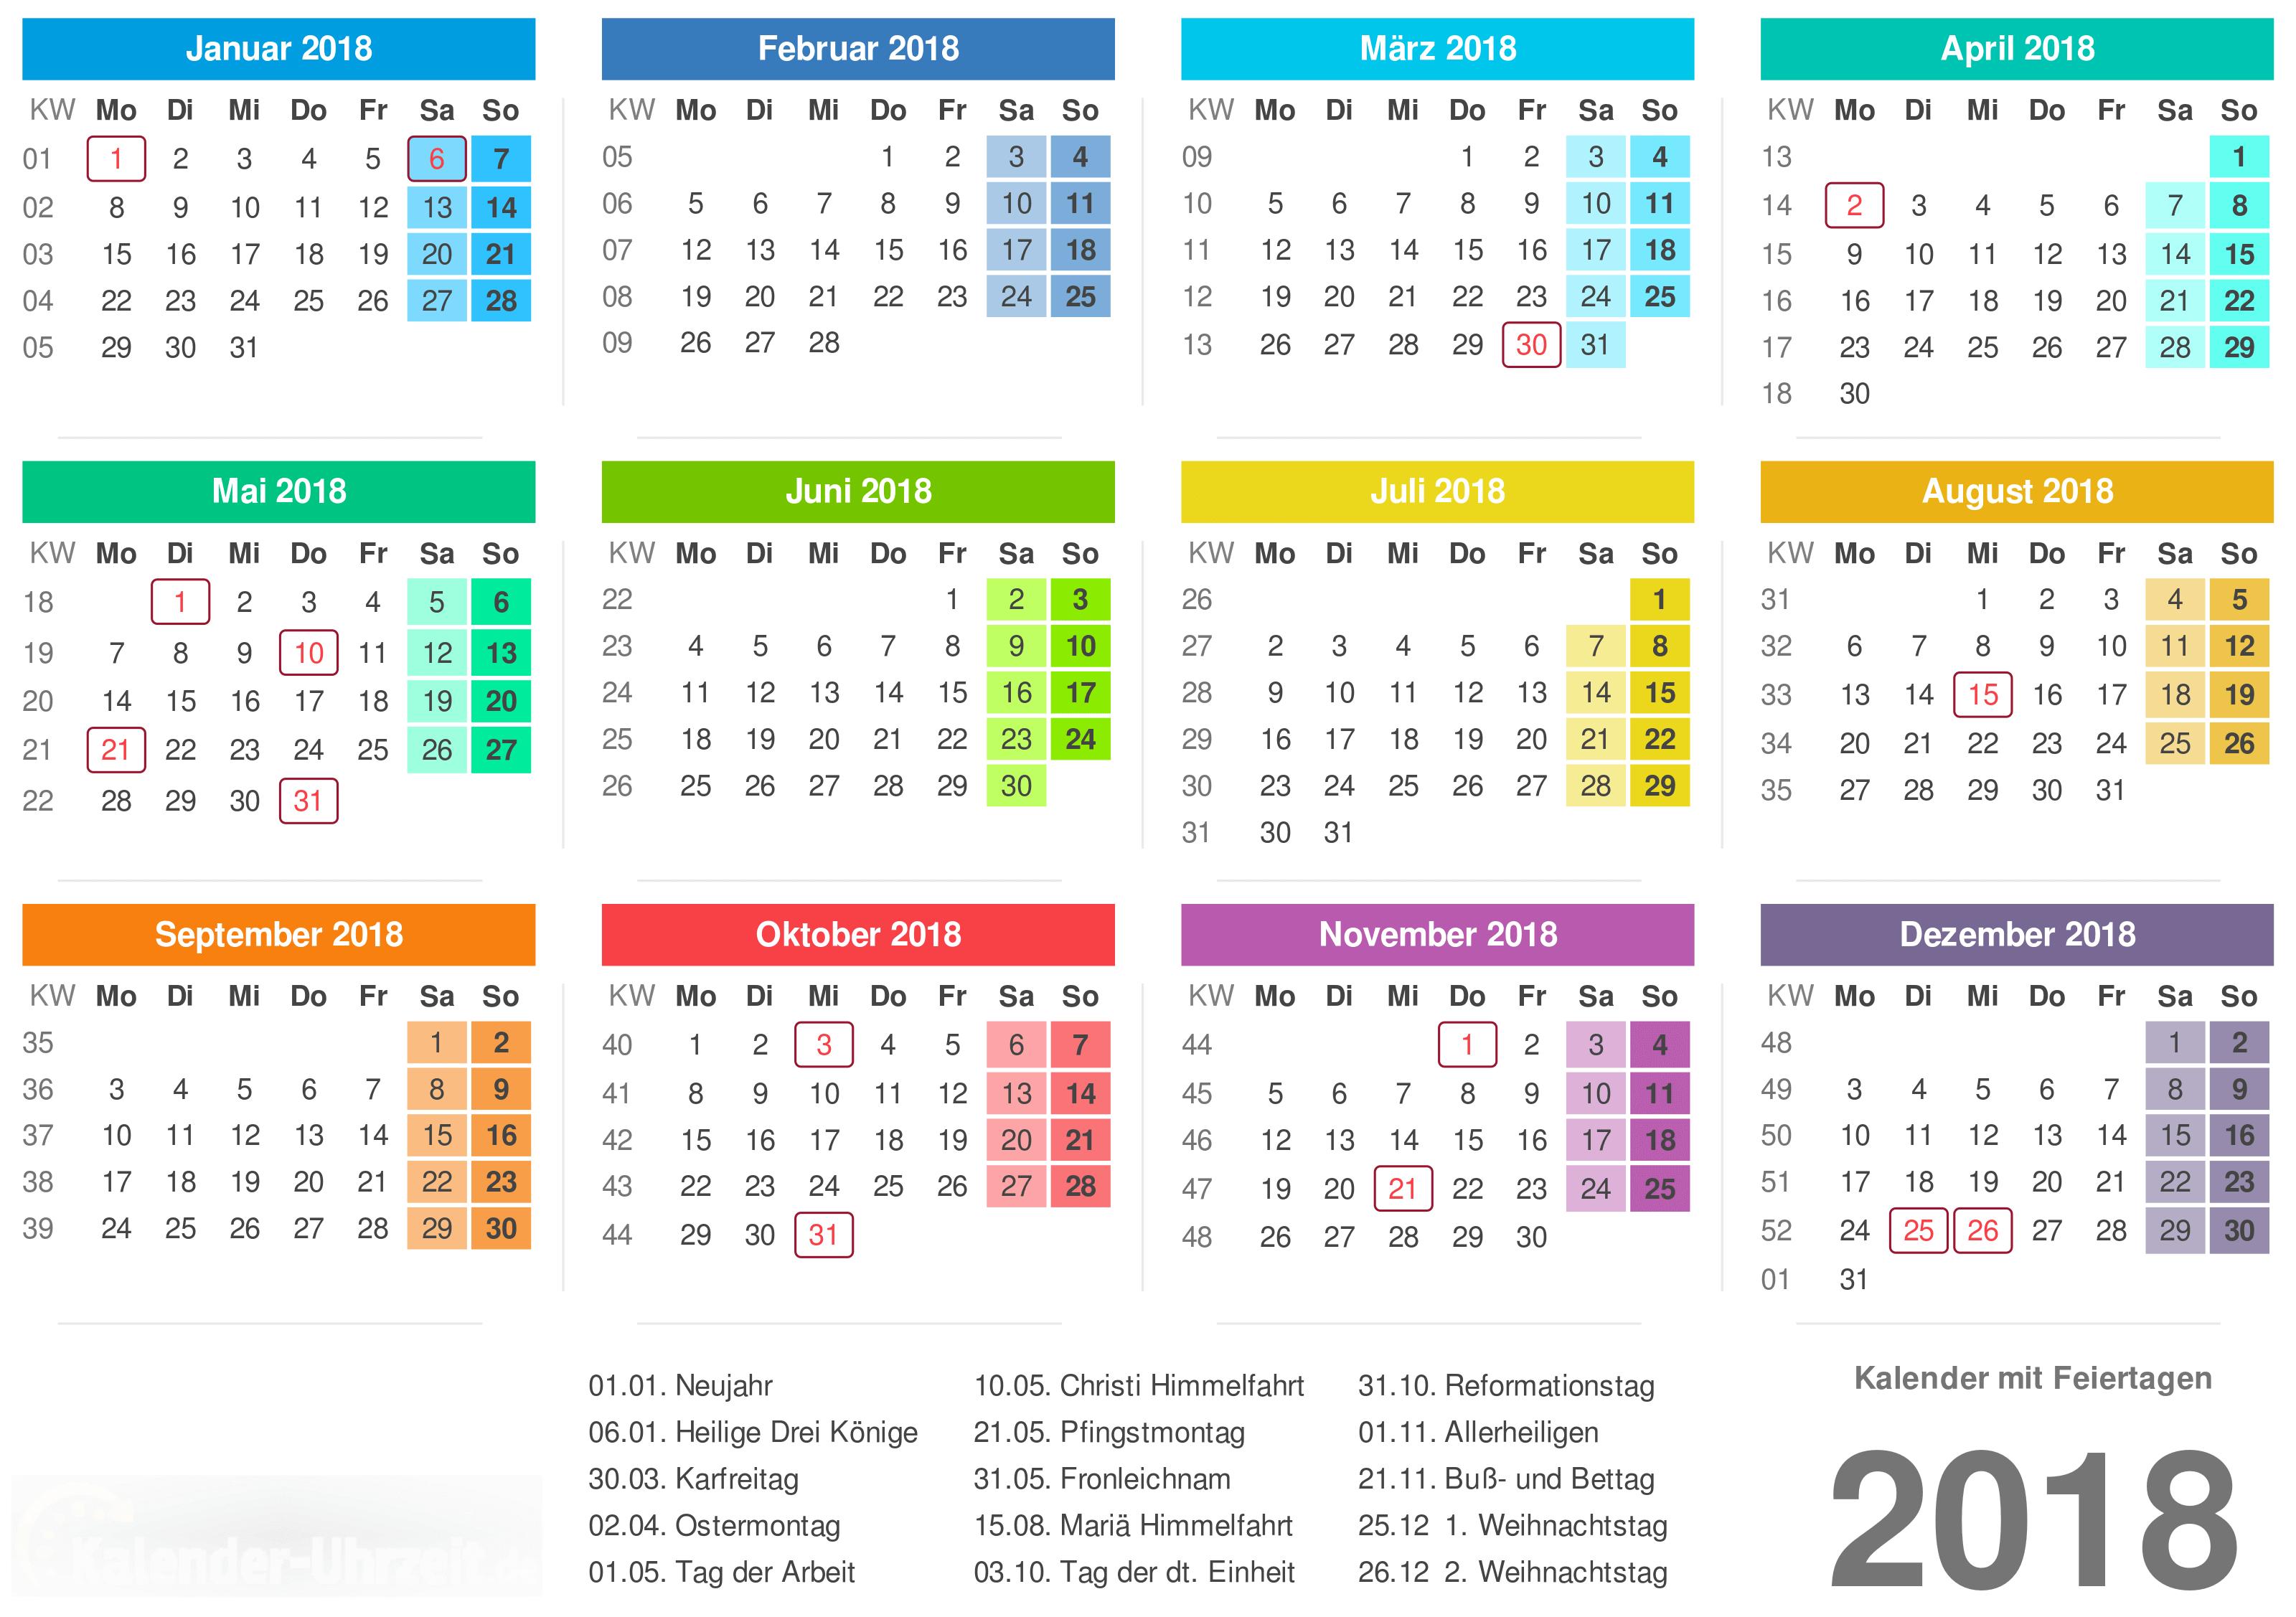 Kalender 2018 mit Feiertagen - PDF-Vorlage 2 Vorschau